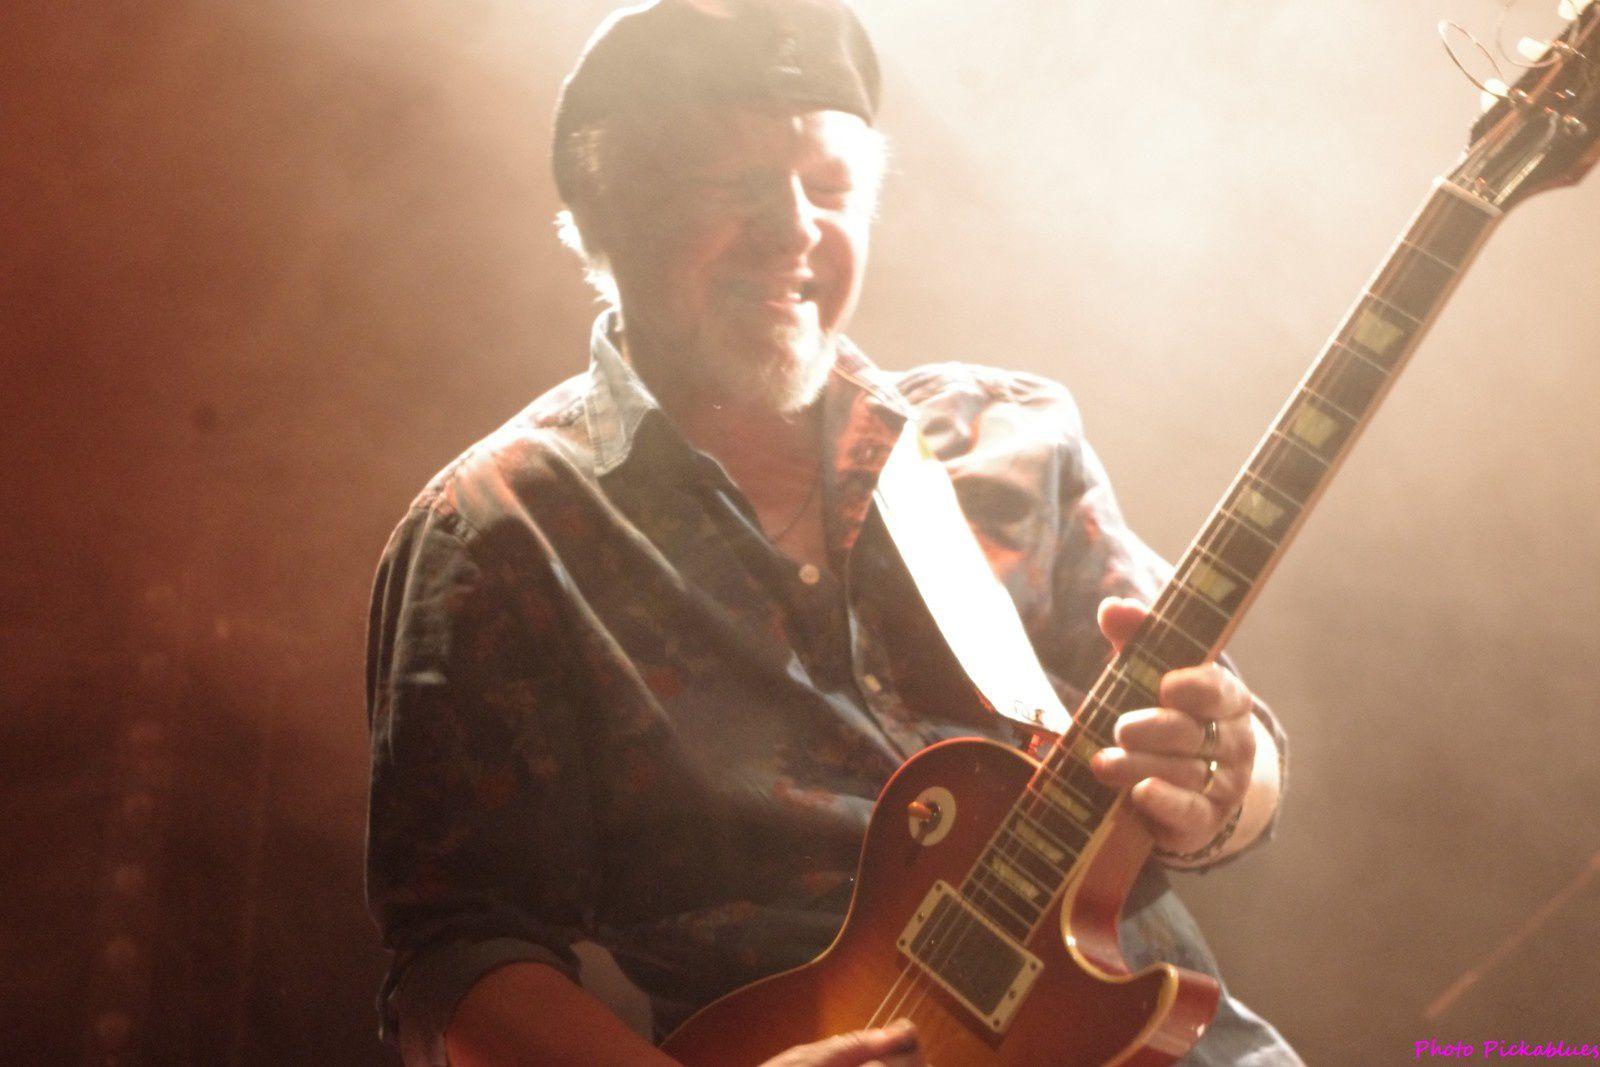 Fred Chapellier & Charlie Fabert - 5 décembre 2015 - 10ème Nuit du Blues, Saint Saulve (59)